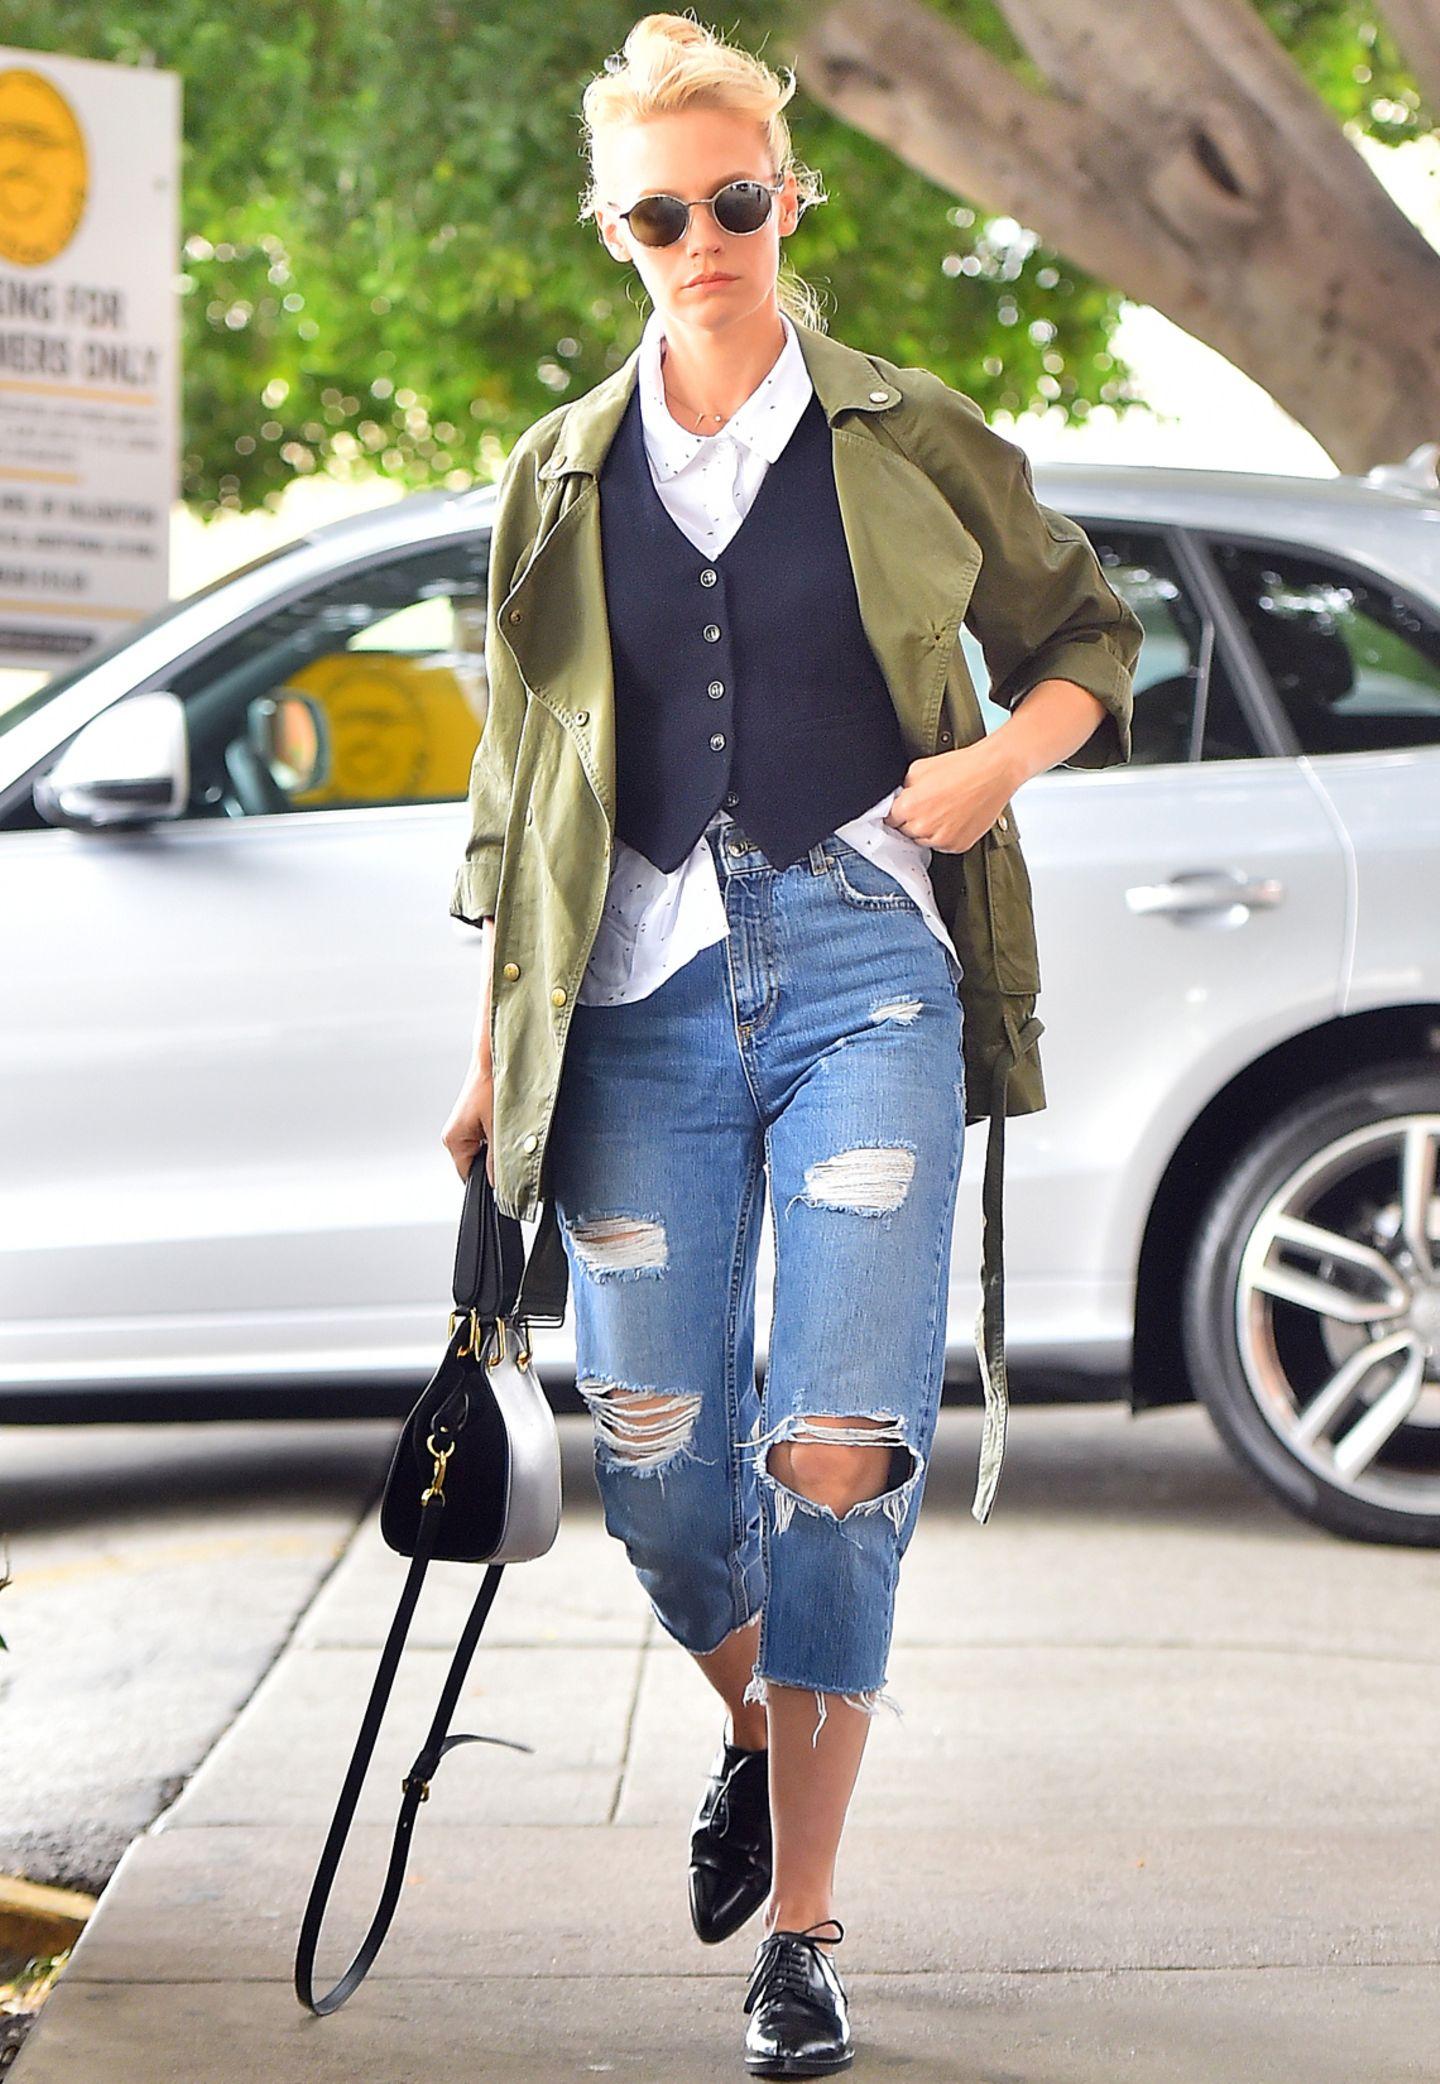 Cool hoch zwei! Platz da, hier kommt January Jones! Die Schauspielerin trägt ihr Hemd im oberlässigen Boyfriend-Look. Das weiße Hemd lugt locker unter der Weste hervor und sieht in Kombi mit Parka und Cut-off-Jeans alles andere als spießig aus.